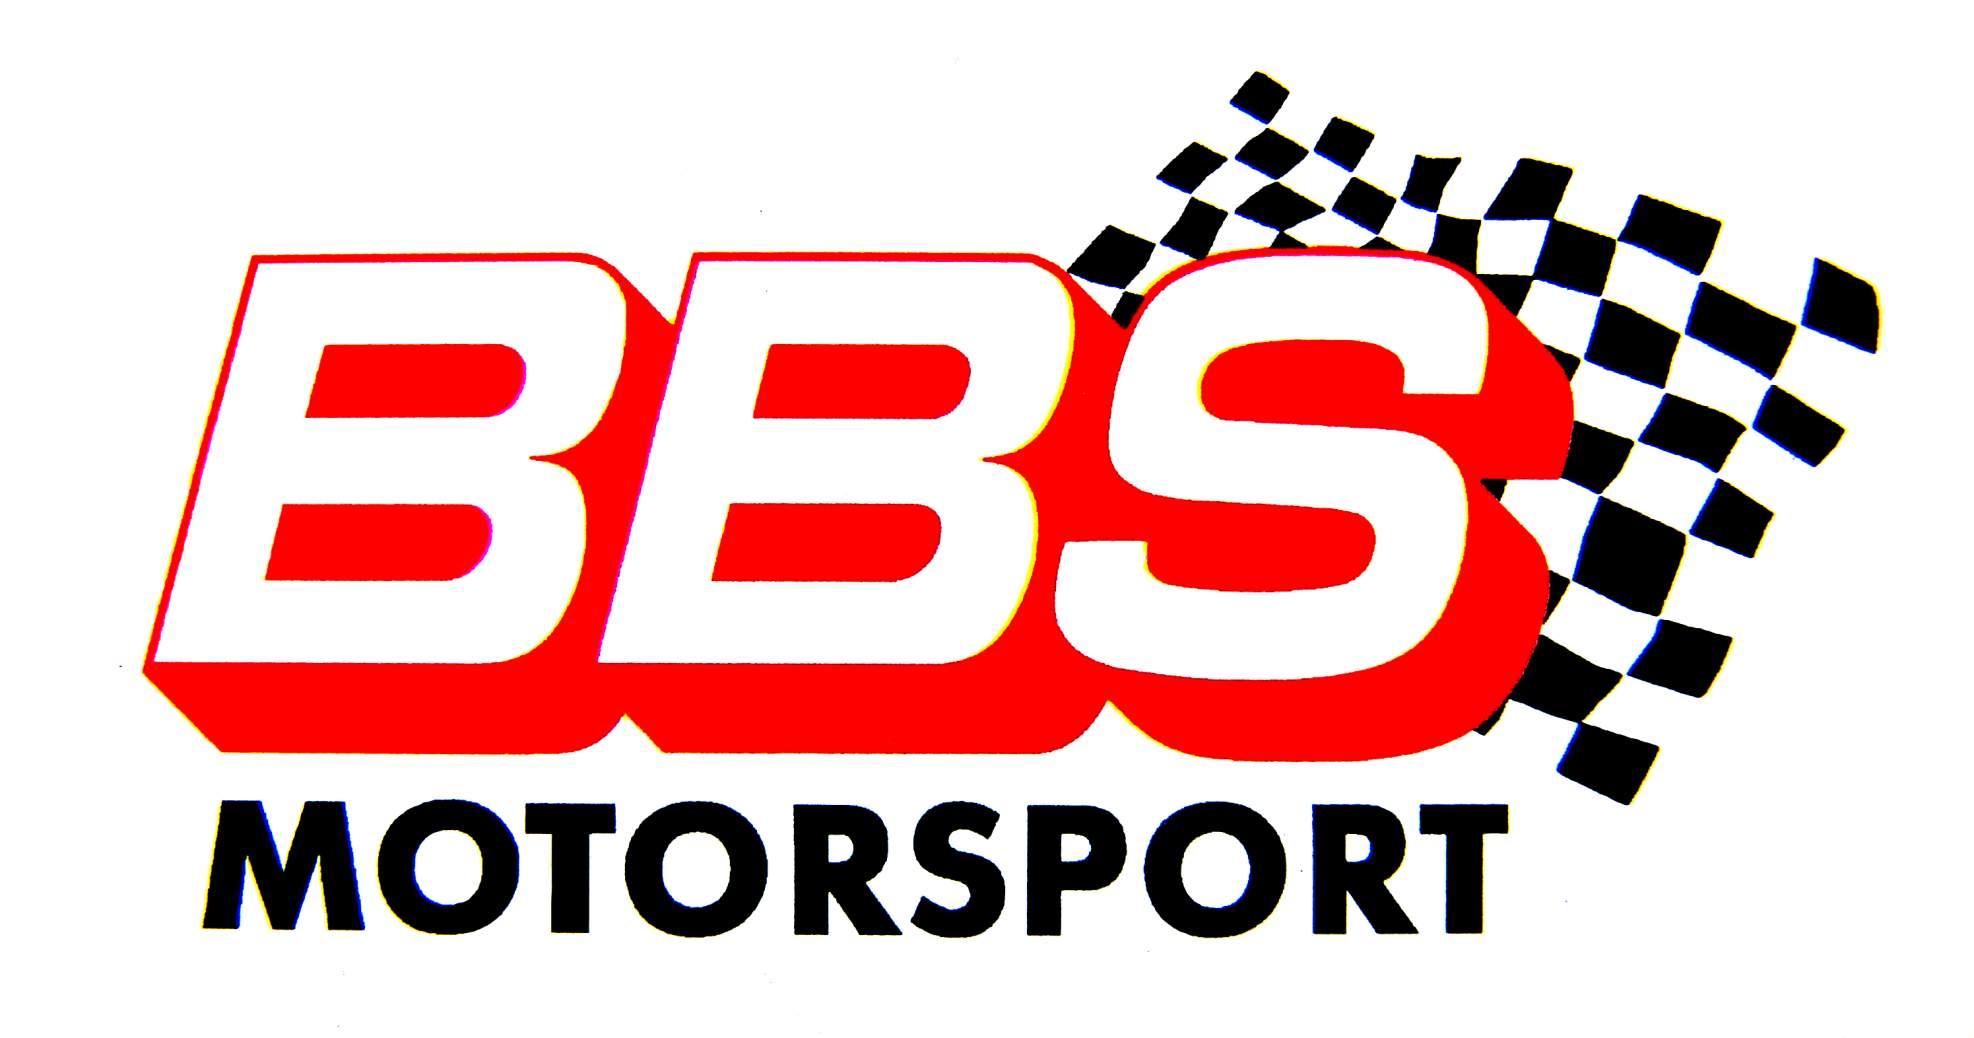 bbs-motorsport-logo